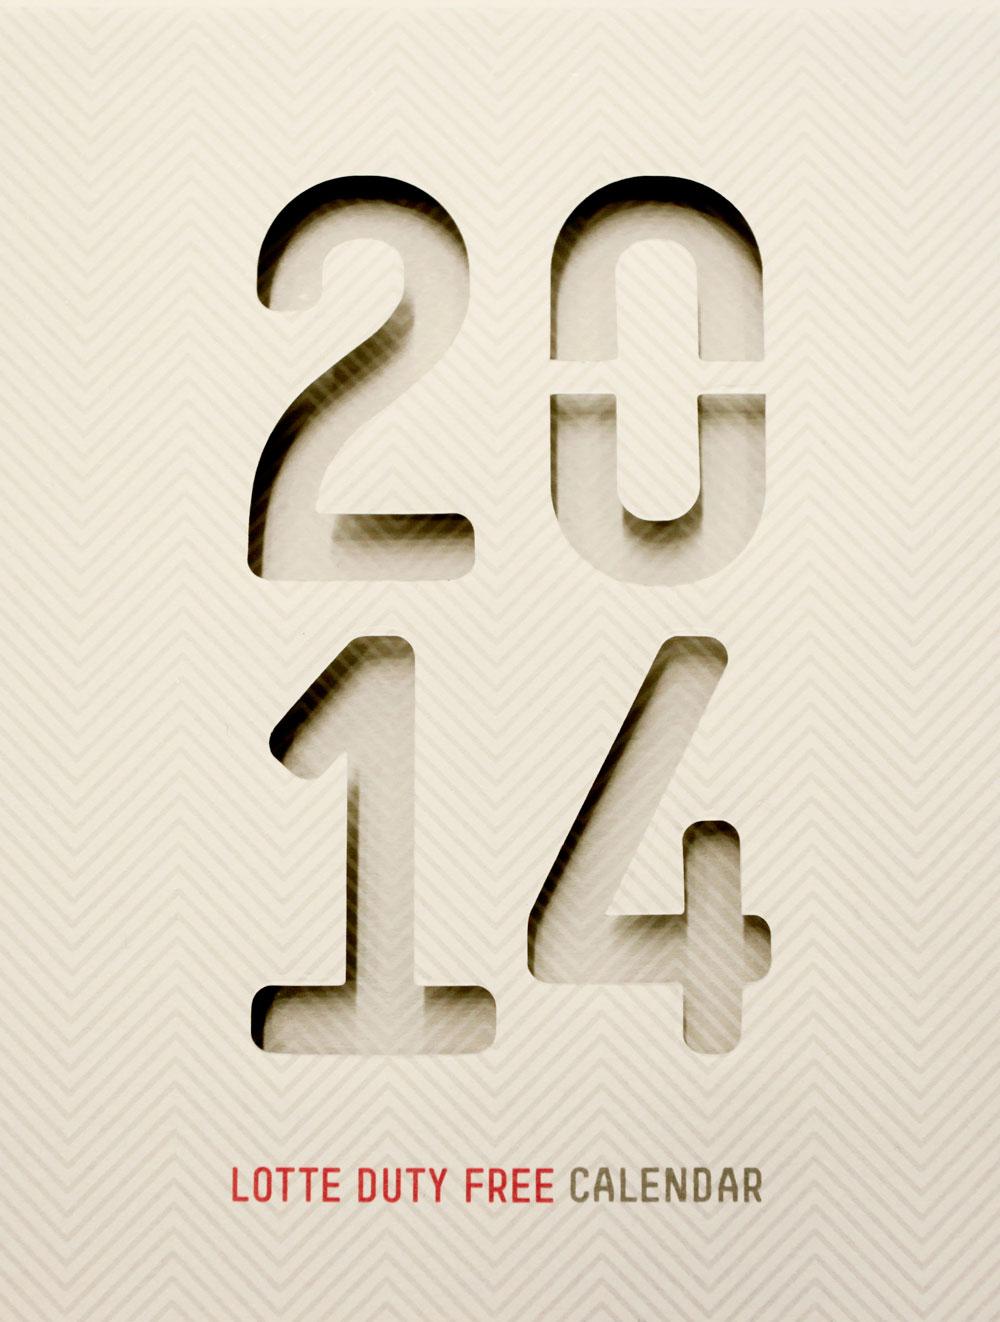 Lotte Duty Free 2014 Calendar